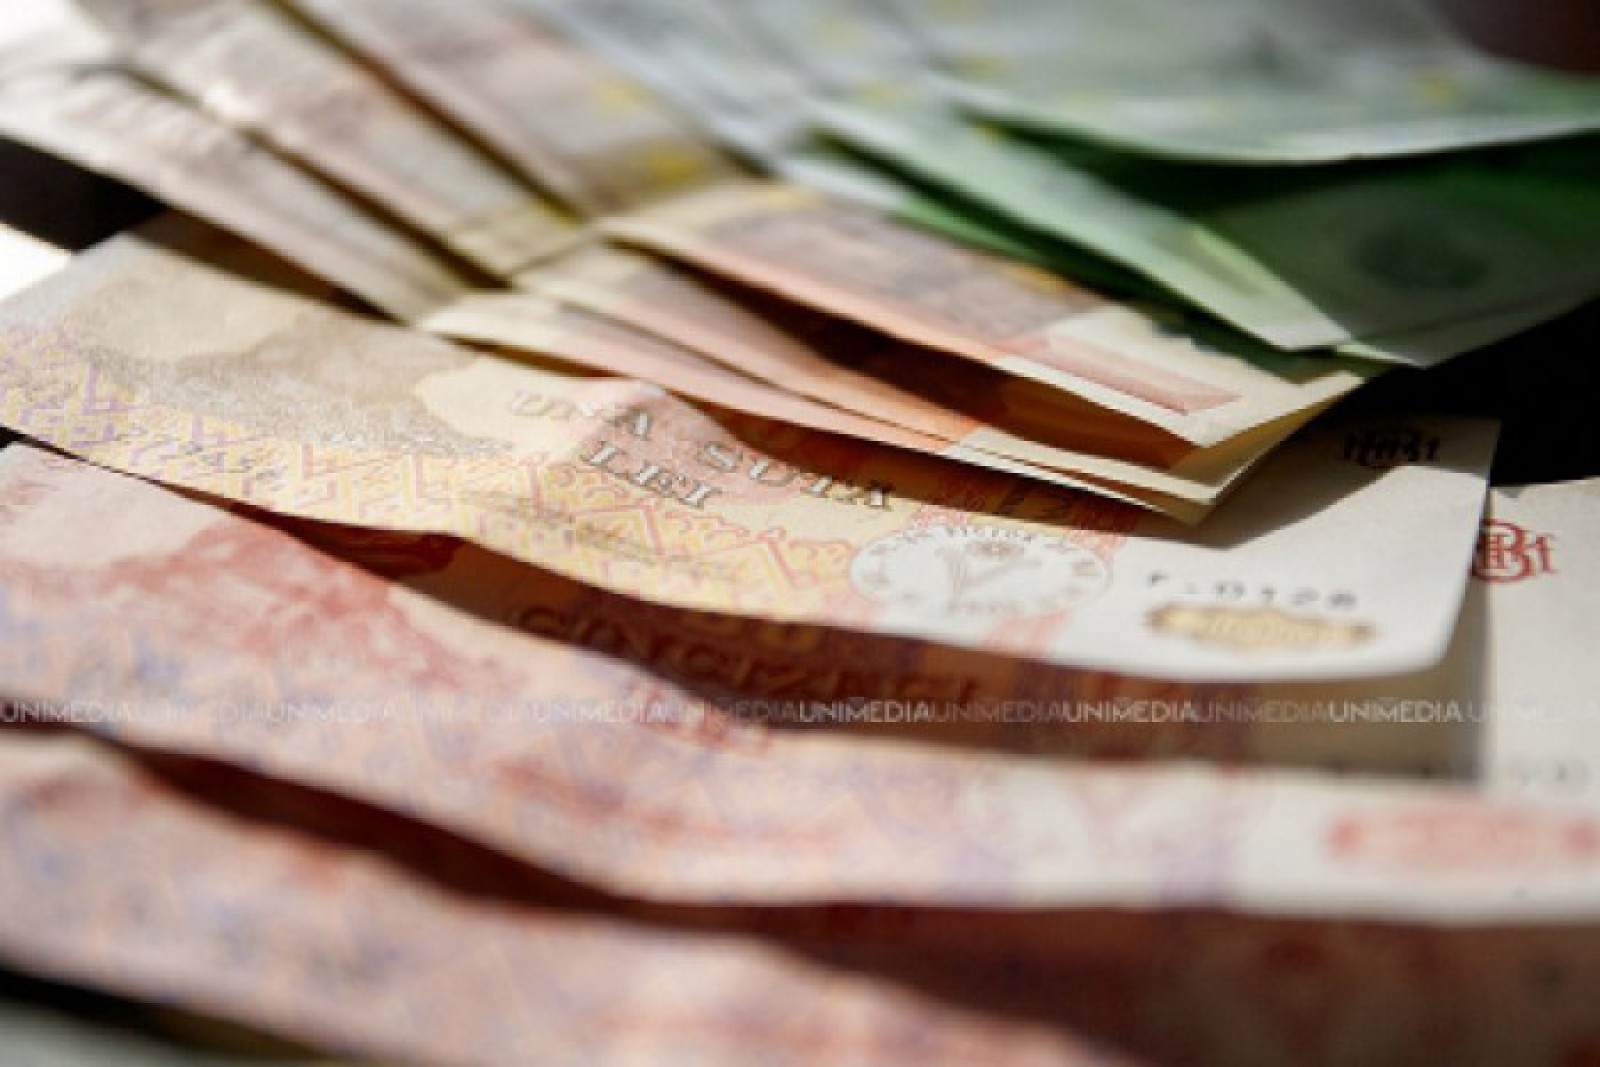 Mold-street: De ce în luna aprilie veniturile la buget s-au prăbușit cu peste un miliard de lei